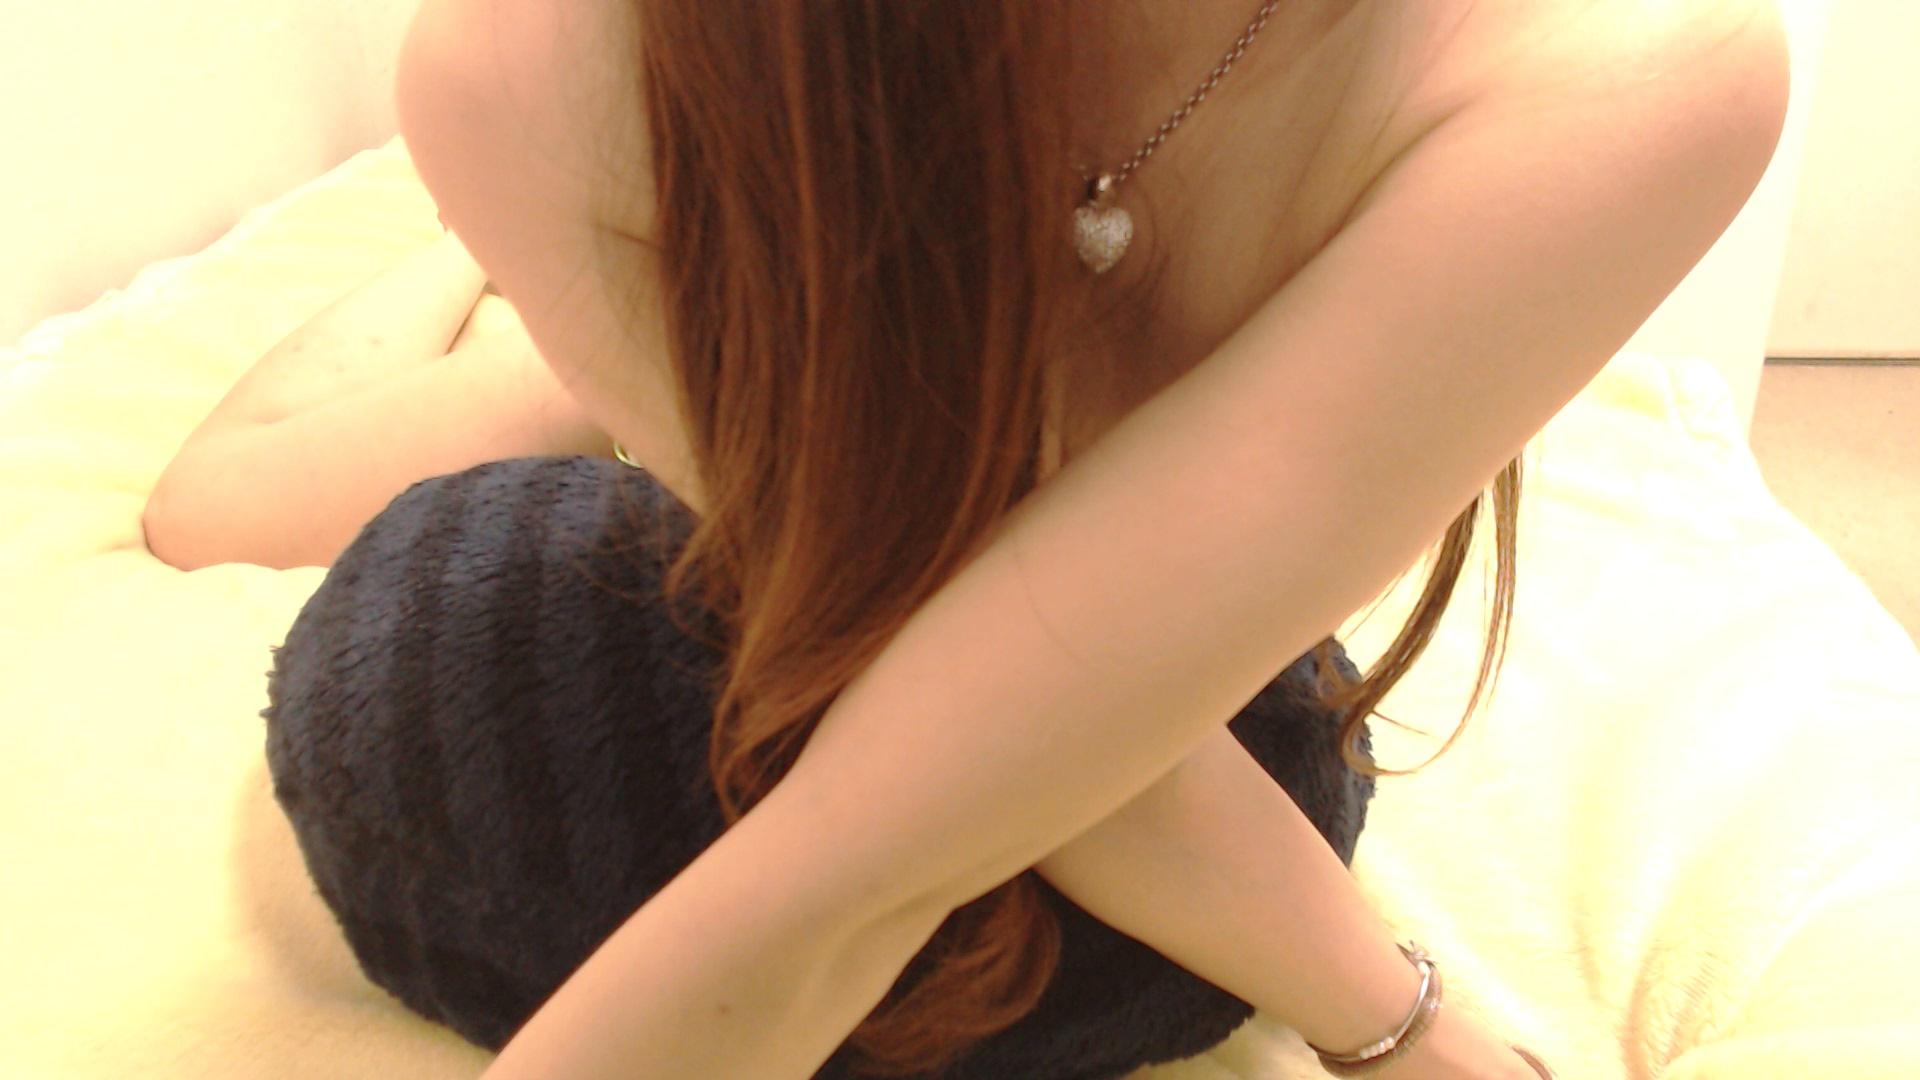 つばき♥|椿(つばき)さんの日誌写真